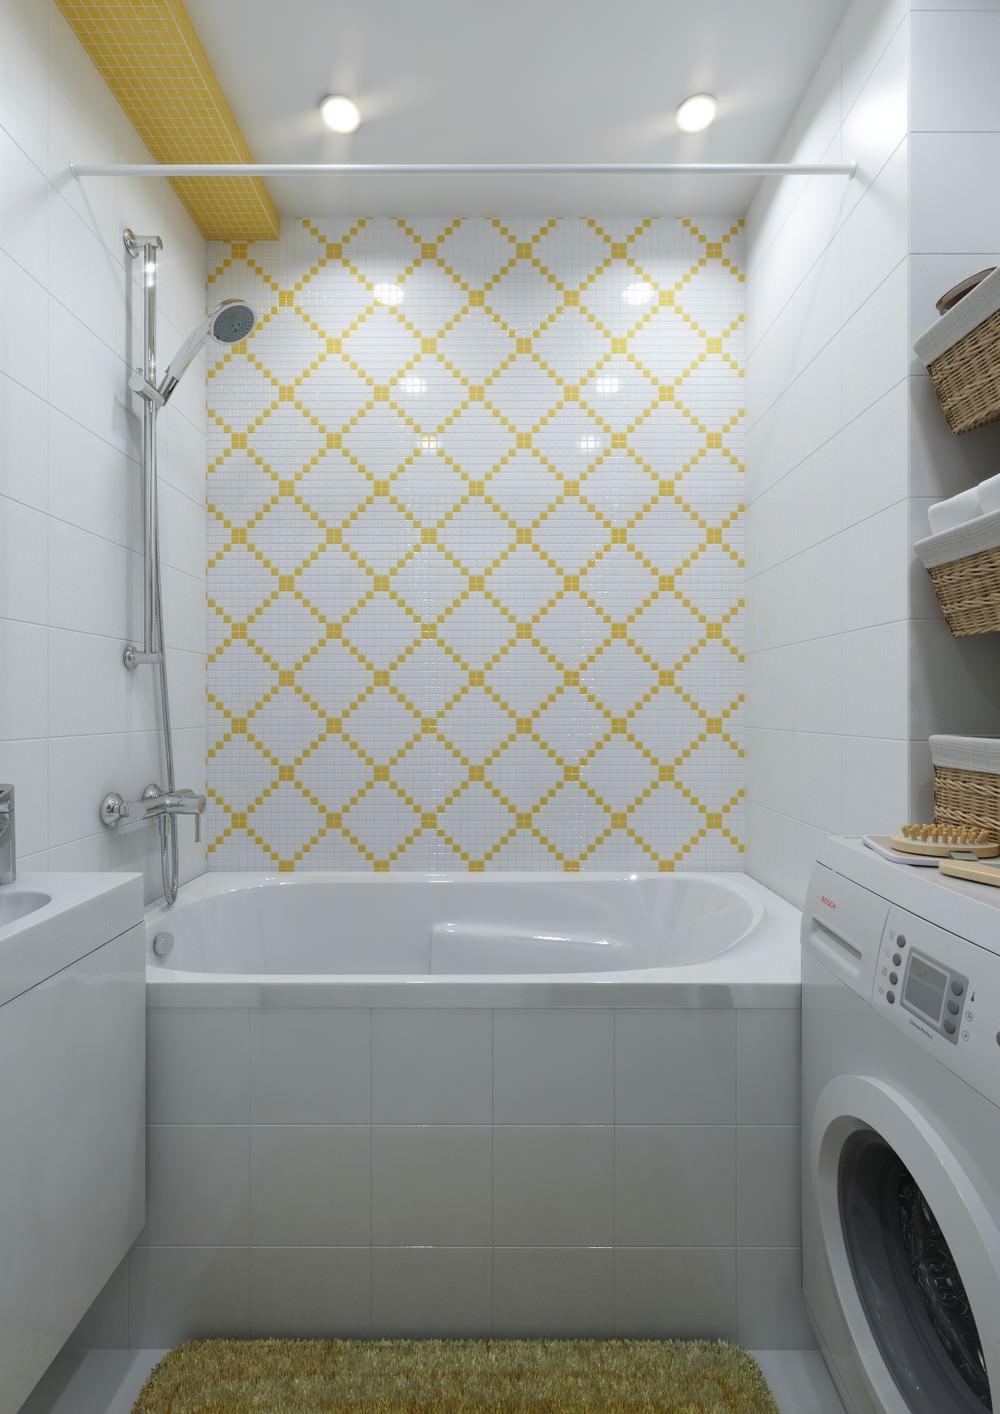 svej-i-praktichen-dizain-za-malak-studentski-apartament-910g